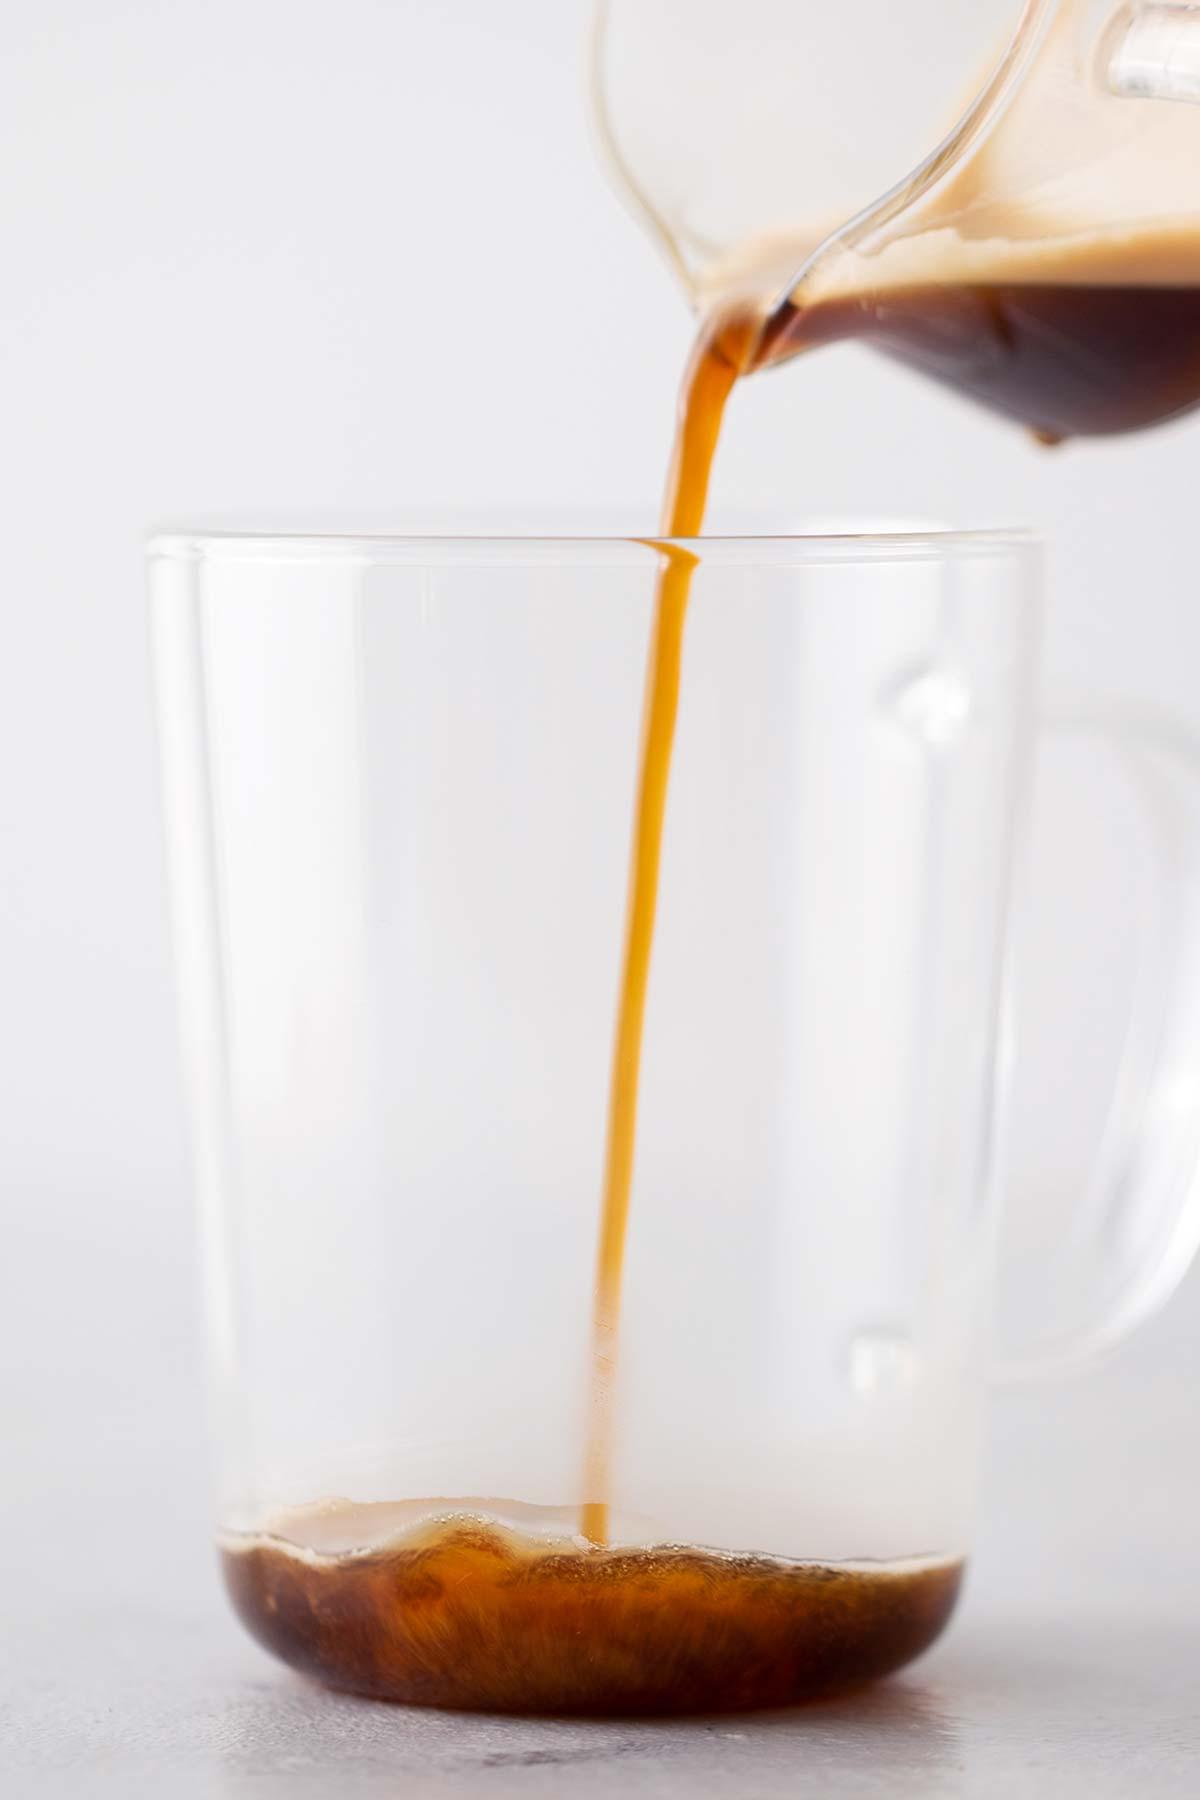 Pouring espresso into a glass mug.